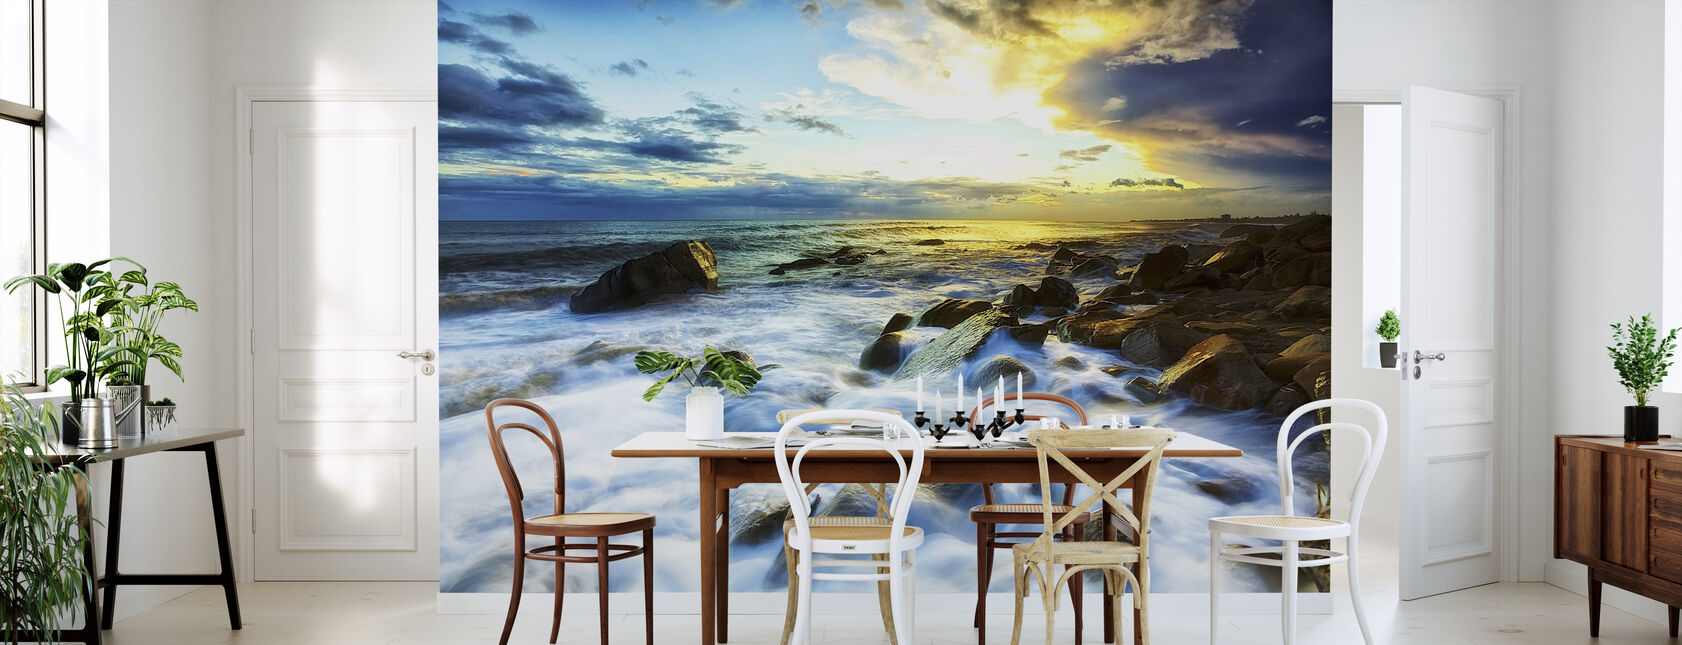 Bølger krasjer - Tapet - Kjøkken